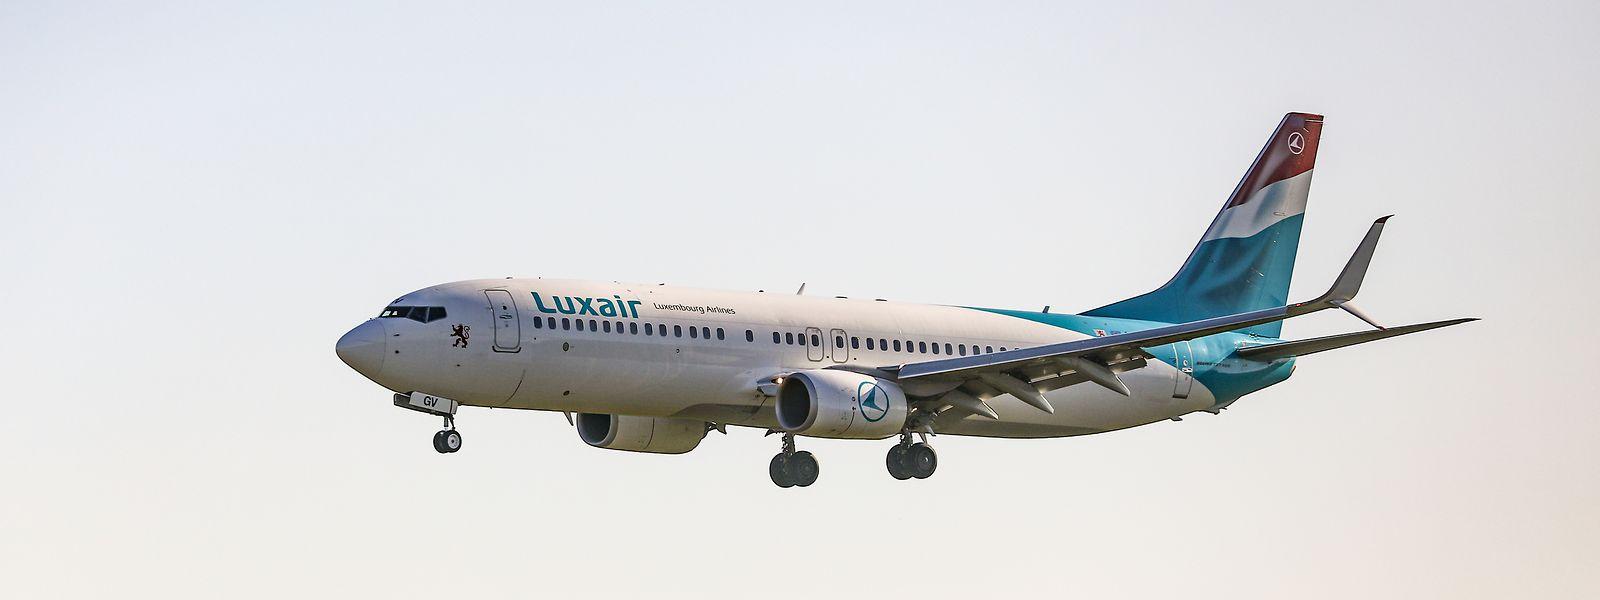 Un vol spécial de Luxair a rapatrié mercredi 52 résidents luxembourgeois du Cap-Vert